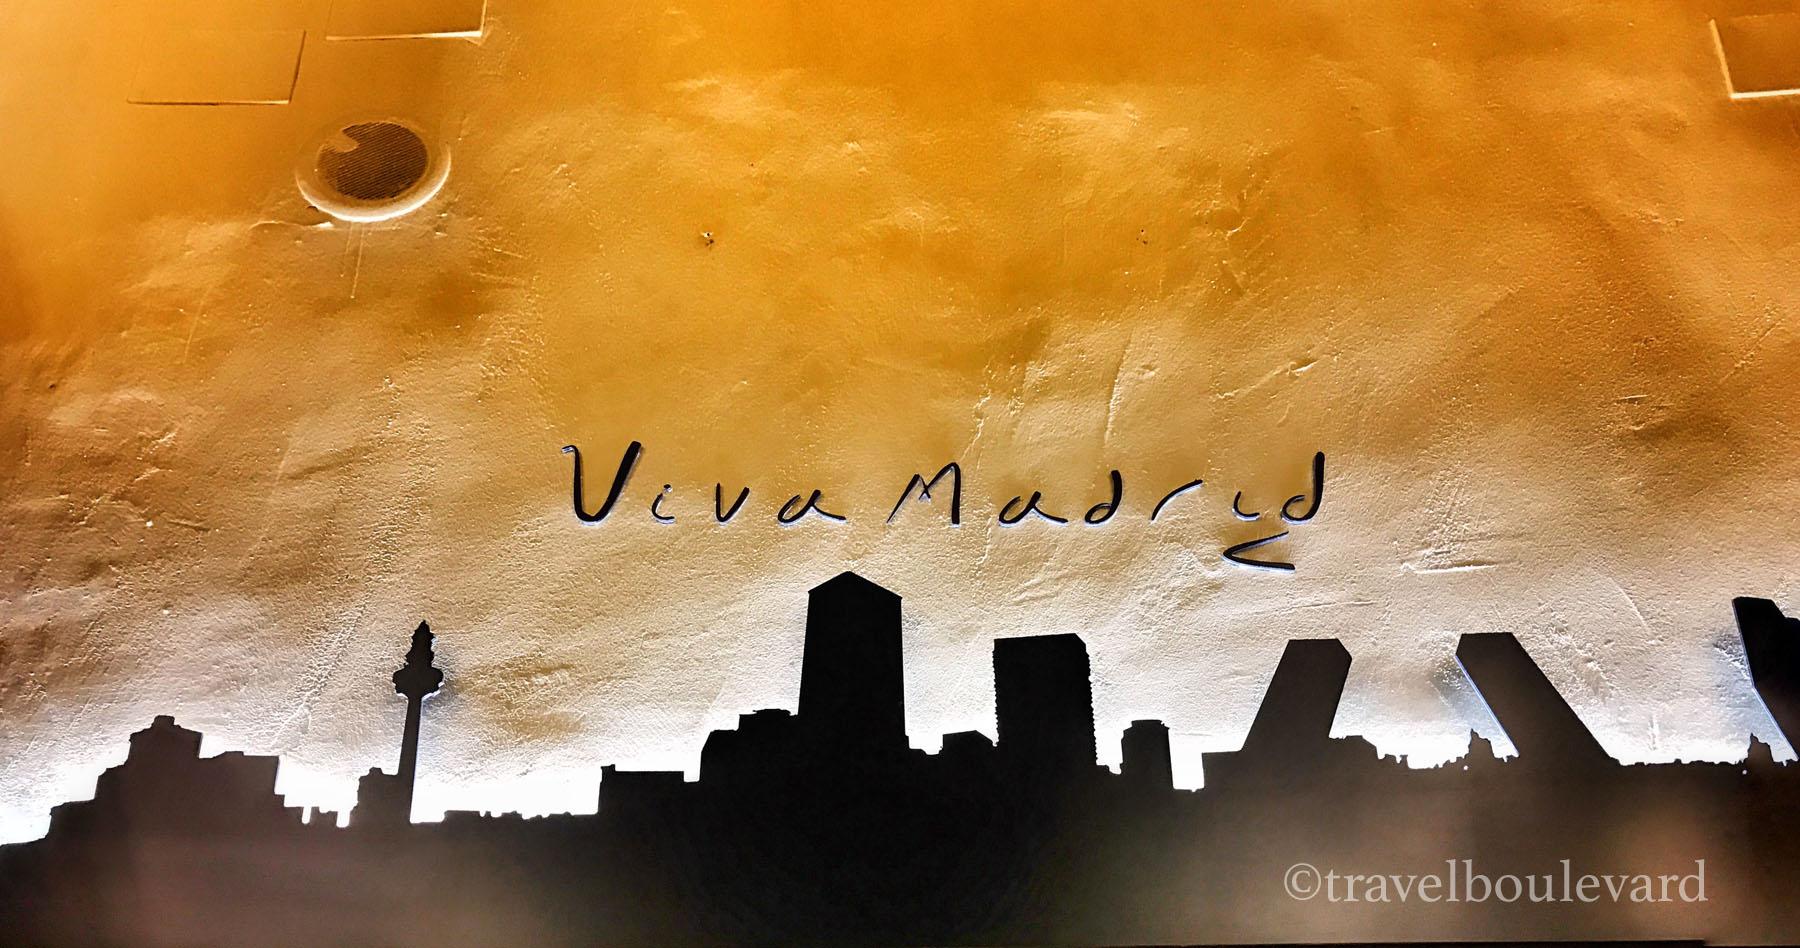 Tapasbar Viva Madrid